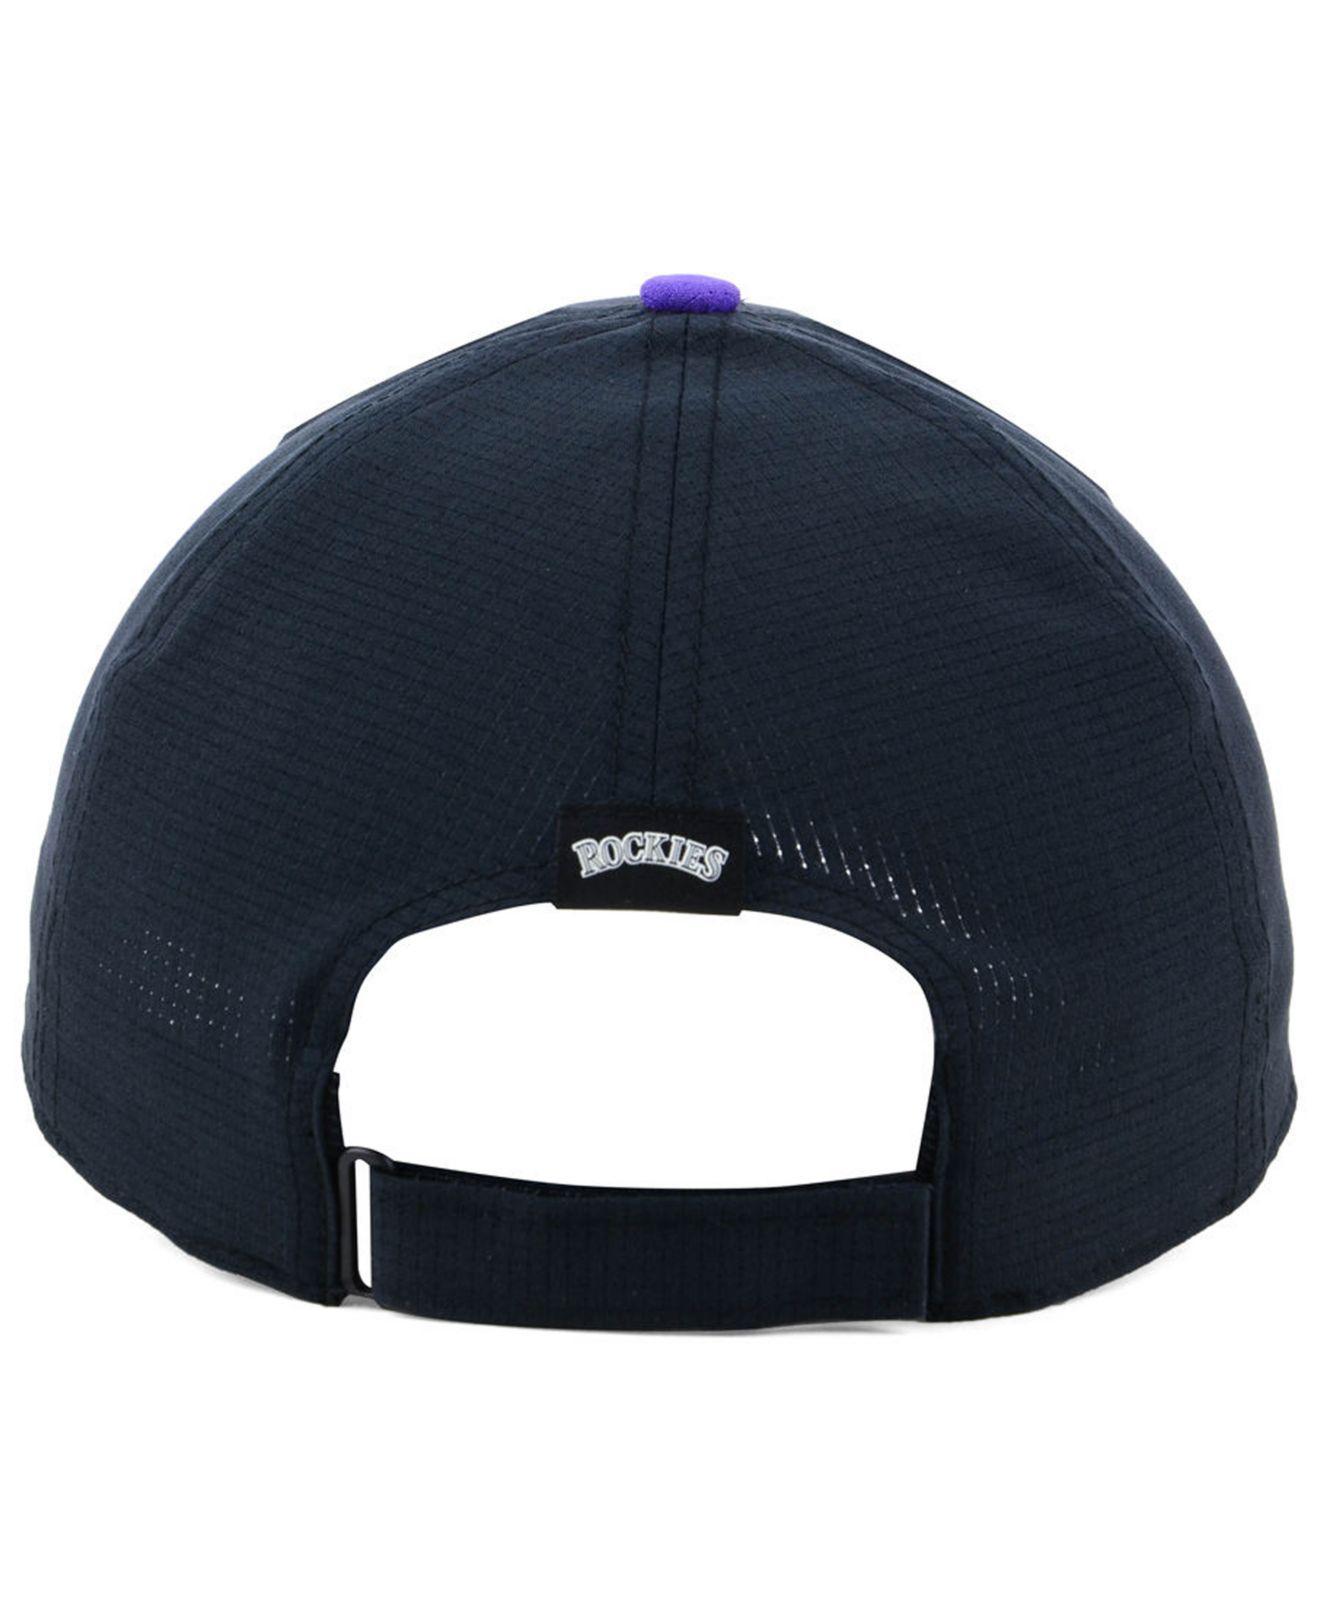 sale retailer 72104 0d394 czech release date under armour black colorado rockies driver cap for men  lyst. 1bf21 a2ed0